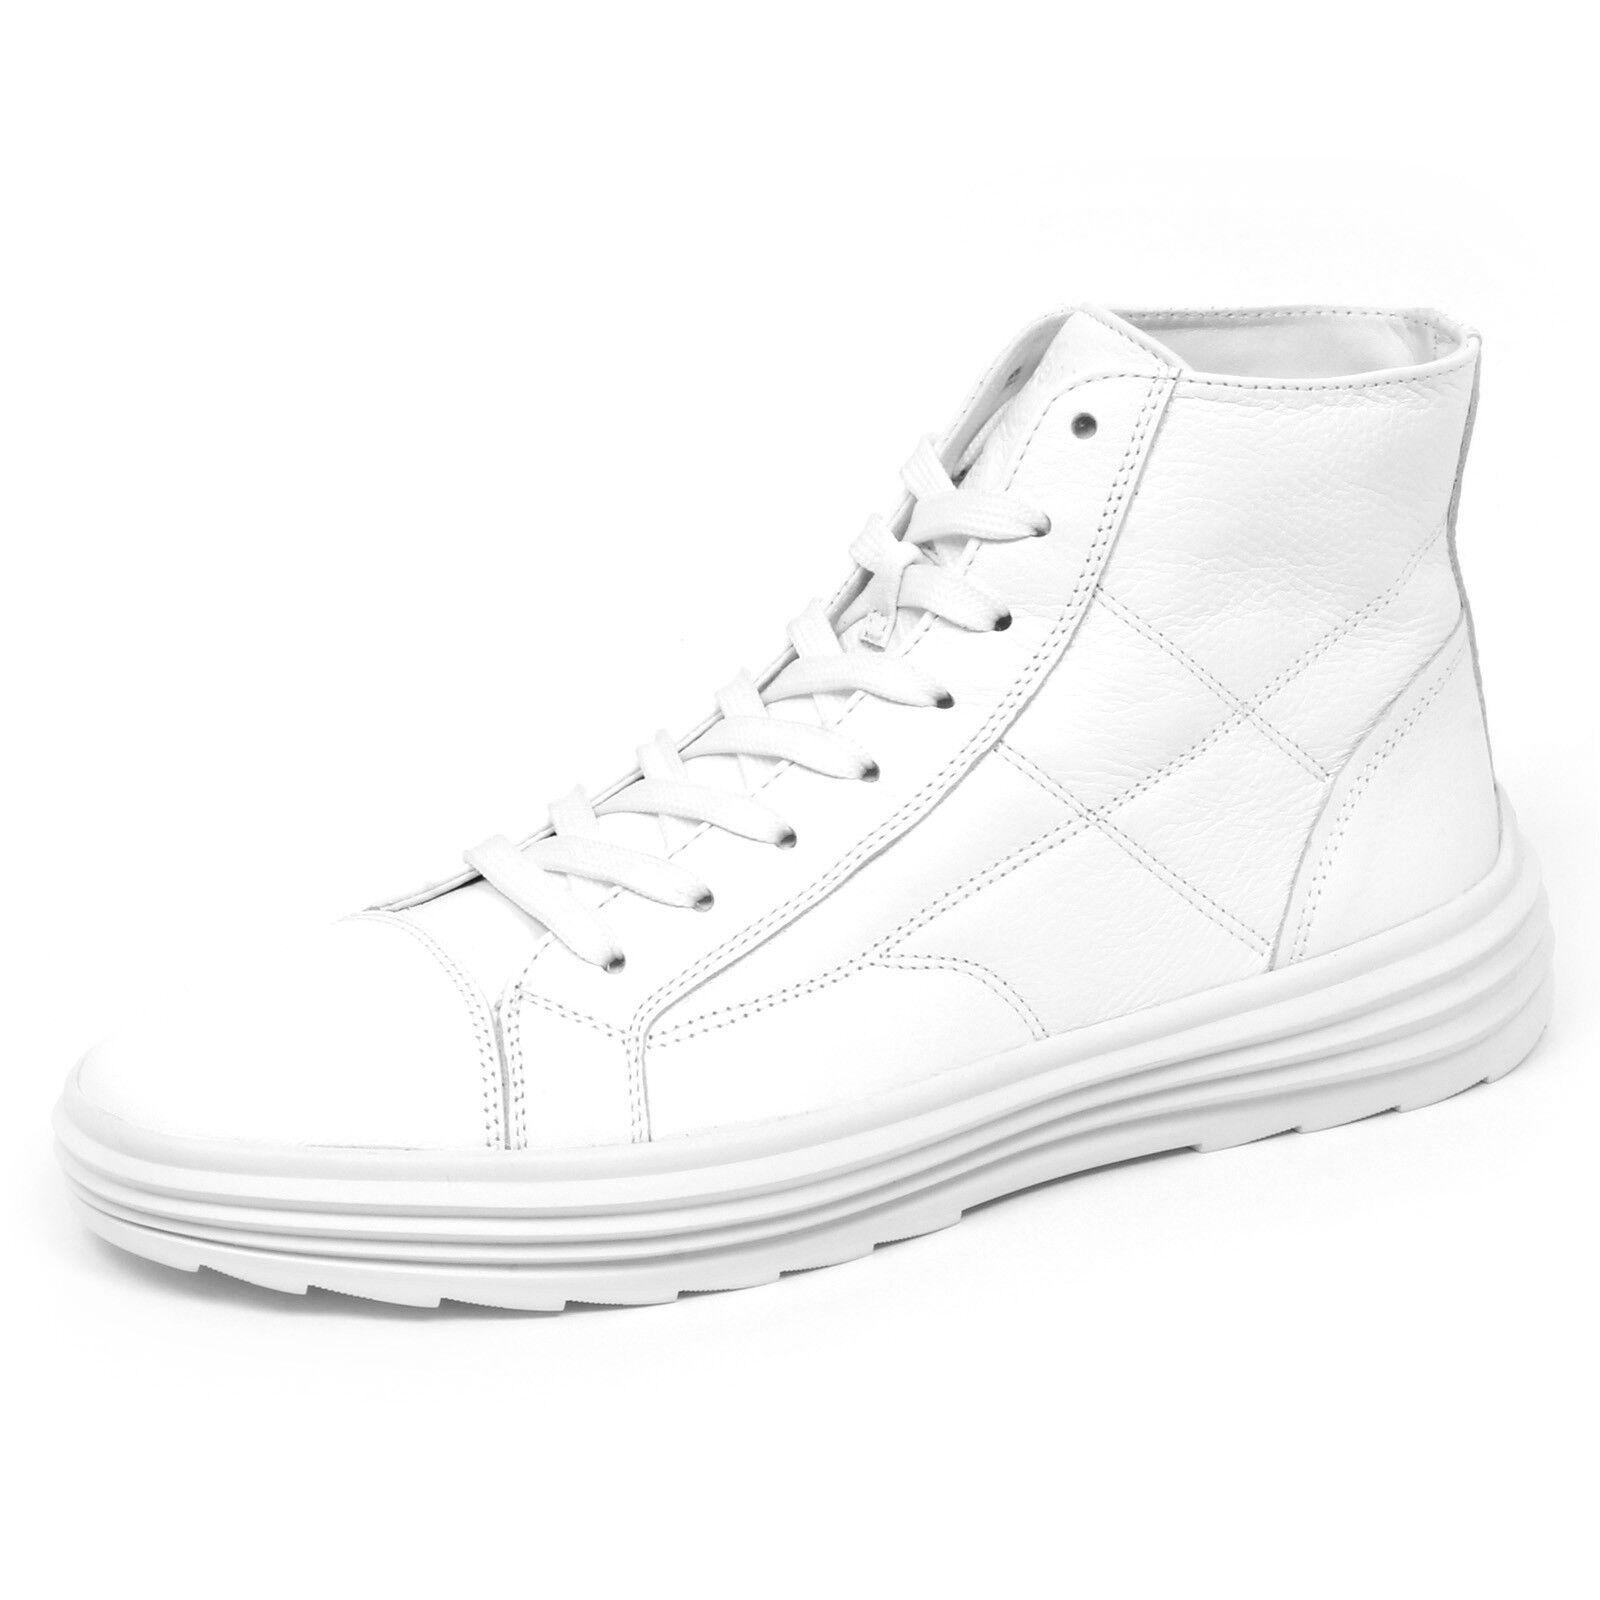 E4426 tenis hombres Bianco Hogan H341 Helix Hi Top zapatos Zapatos Hombre